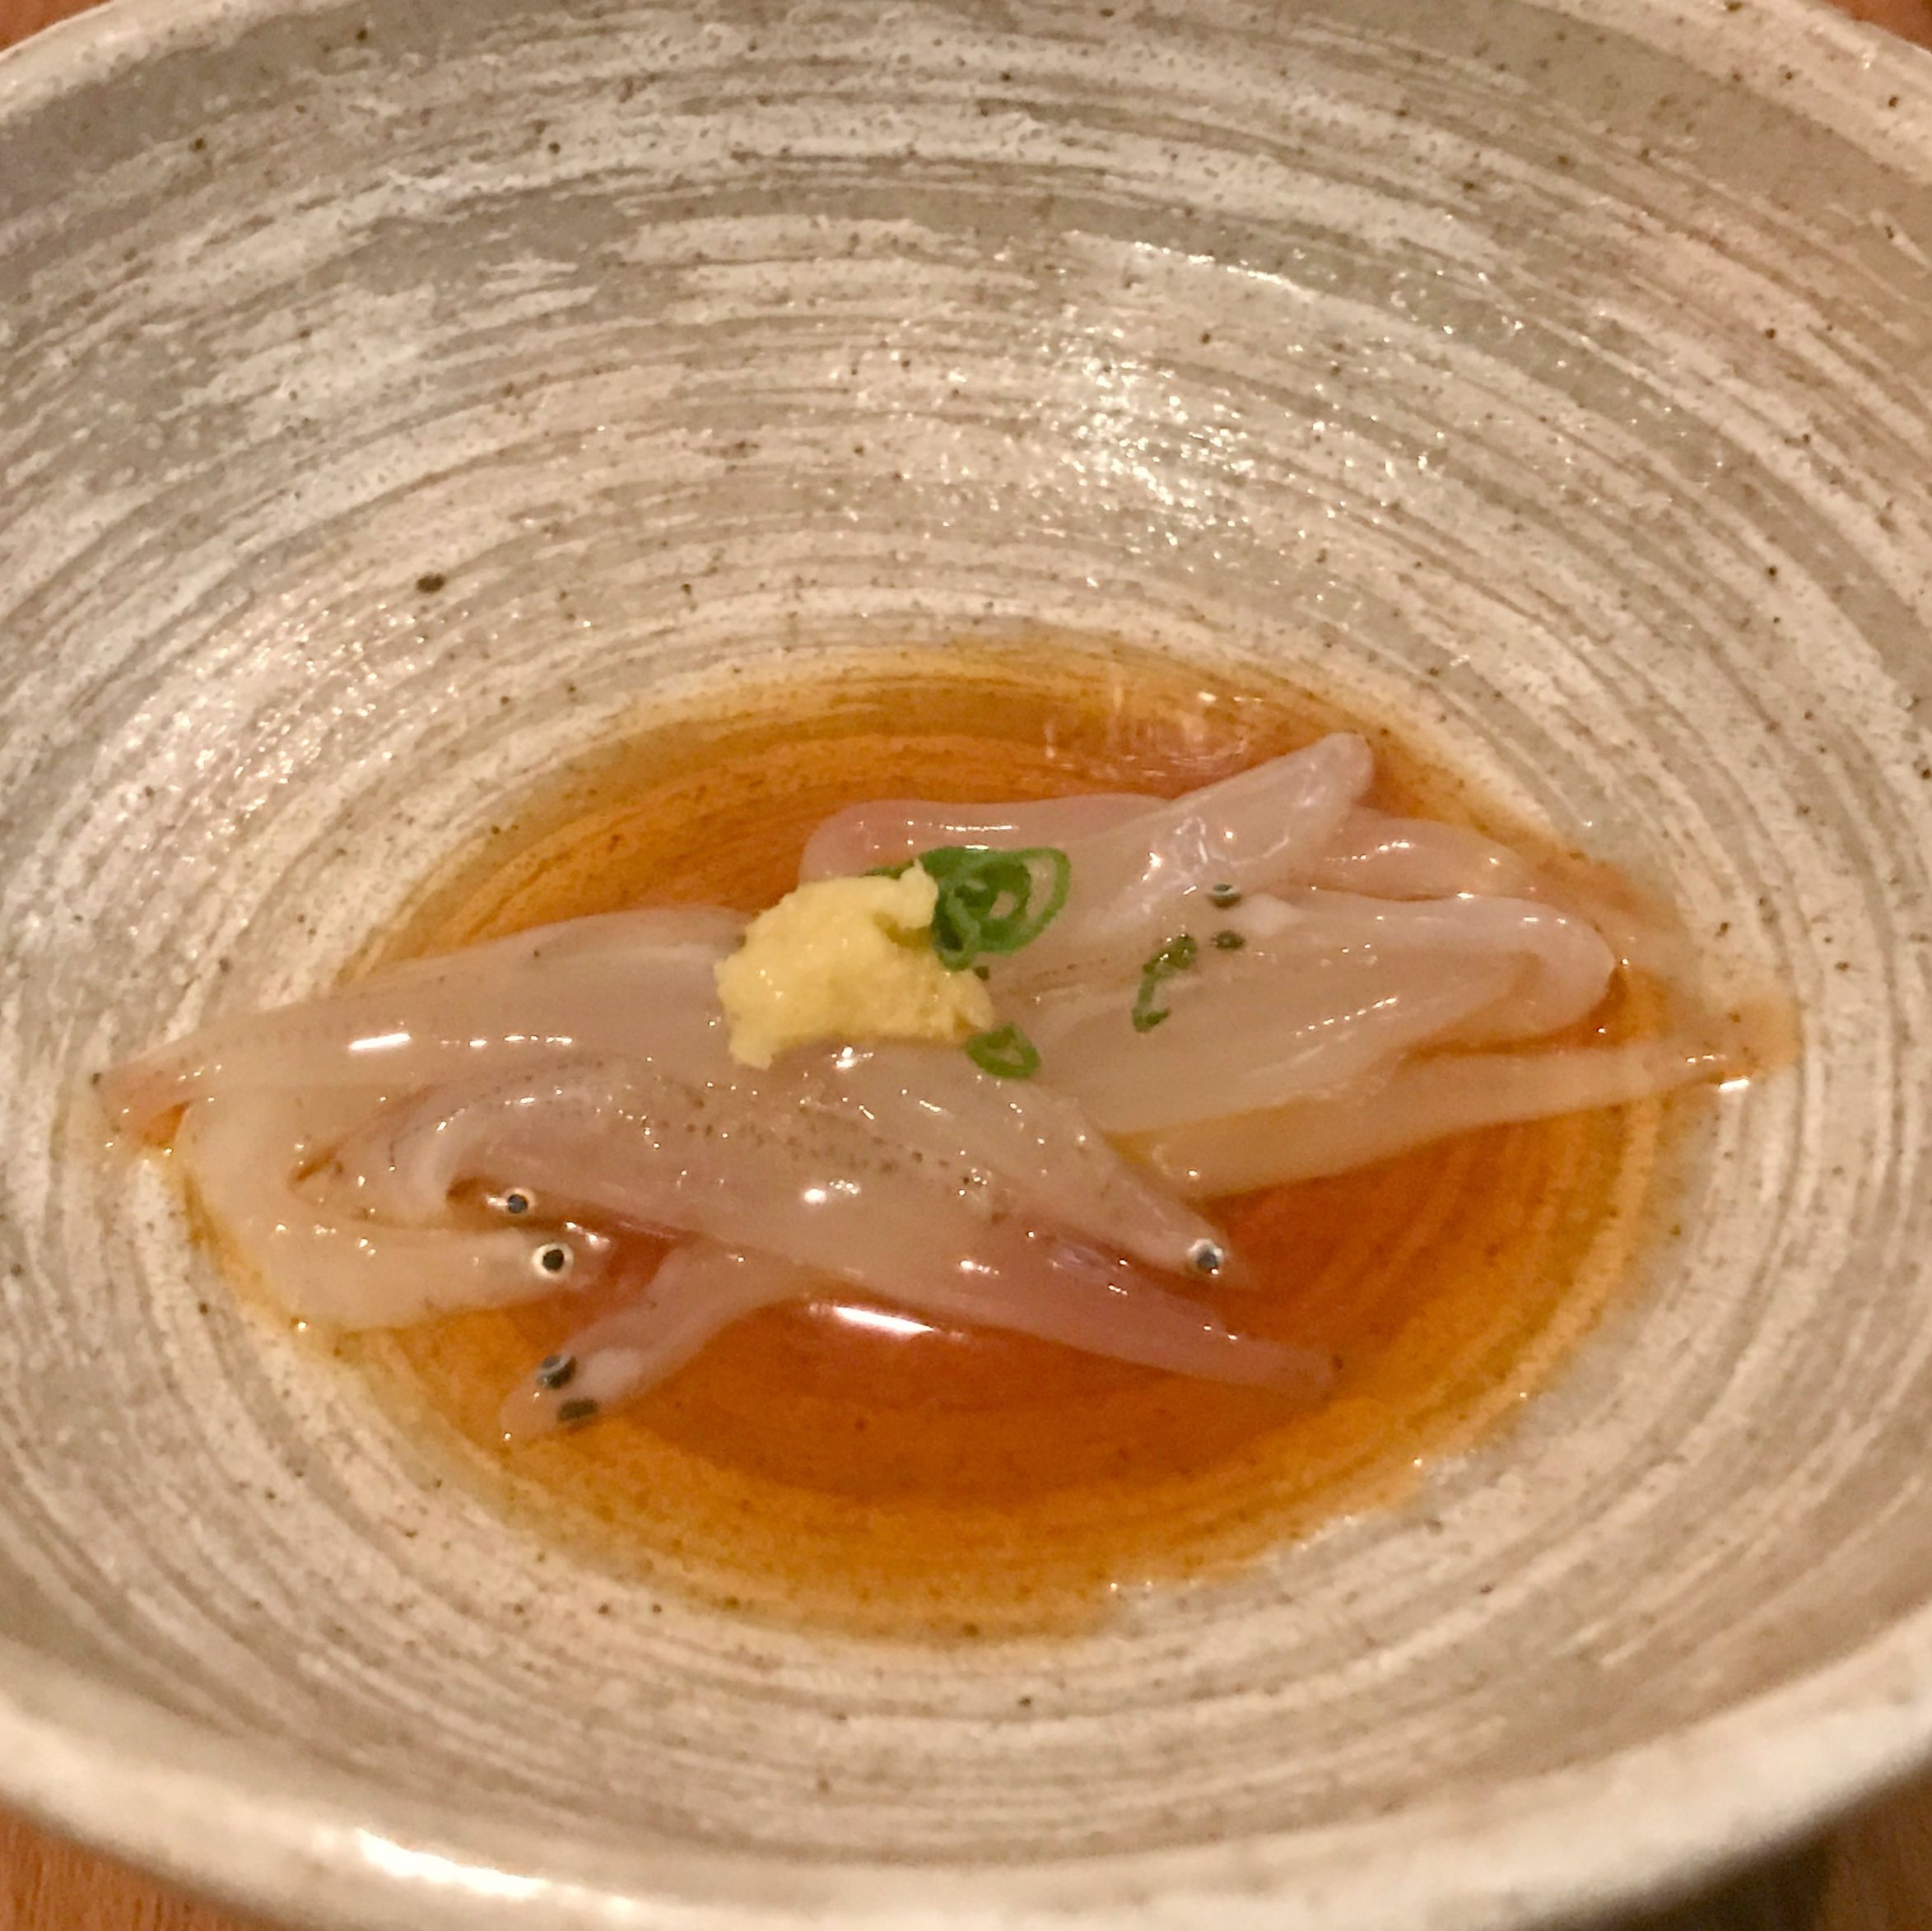 Icefish pqdblx